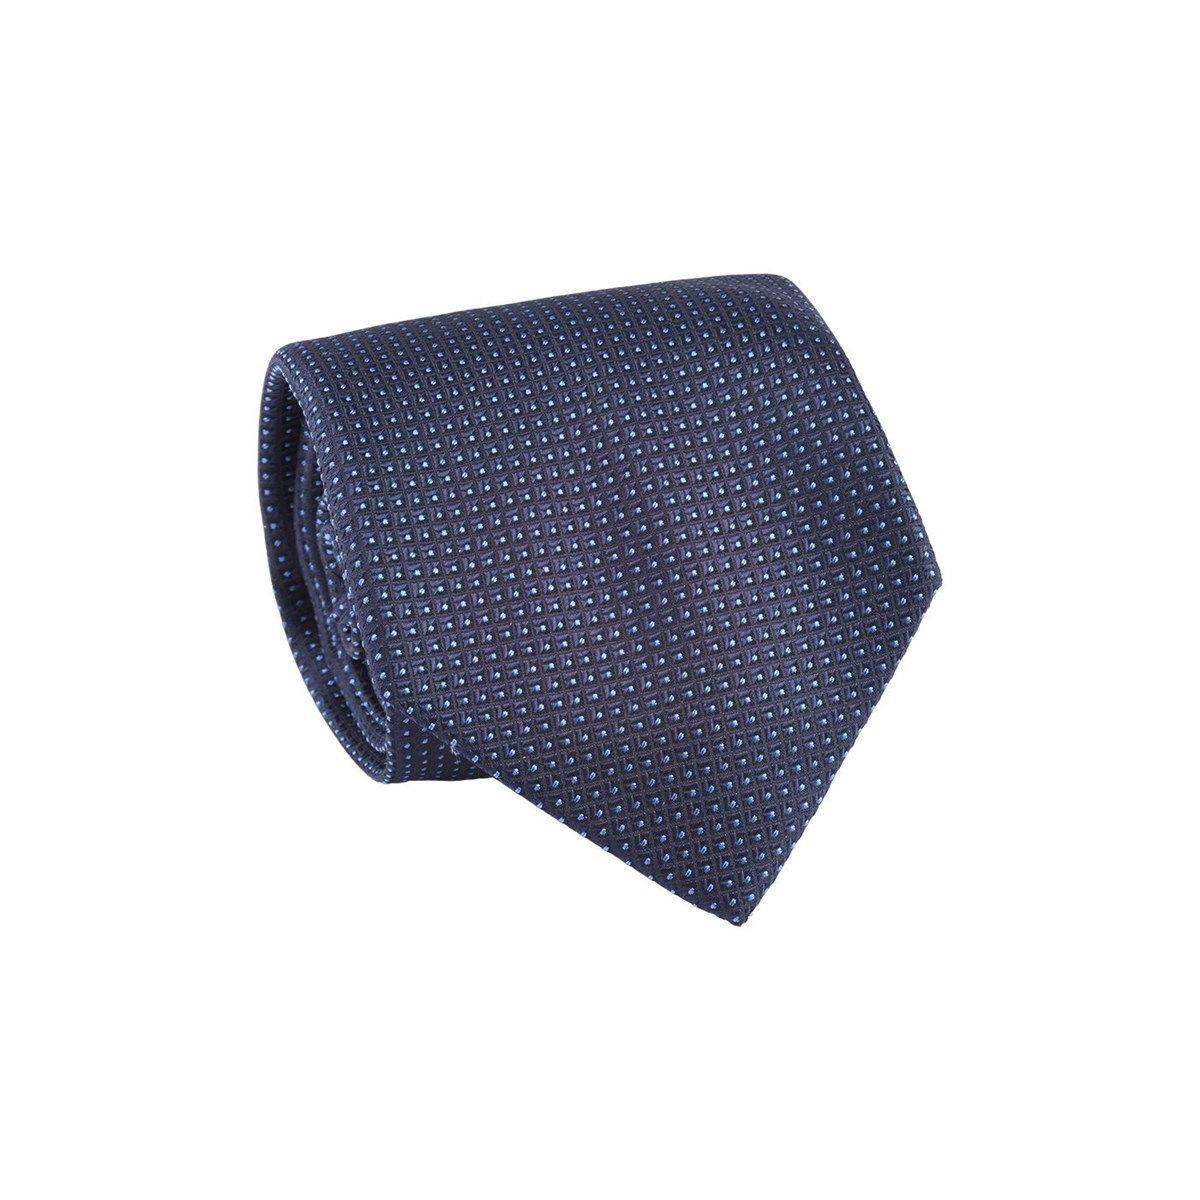 Cravate 100% soie à pois